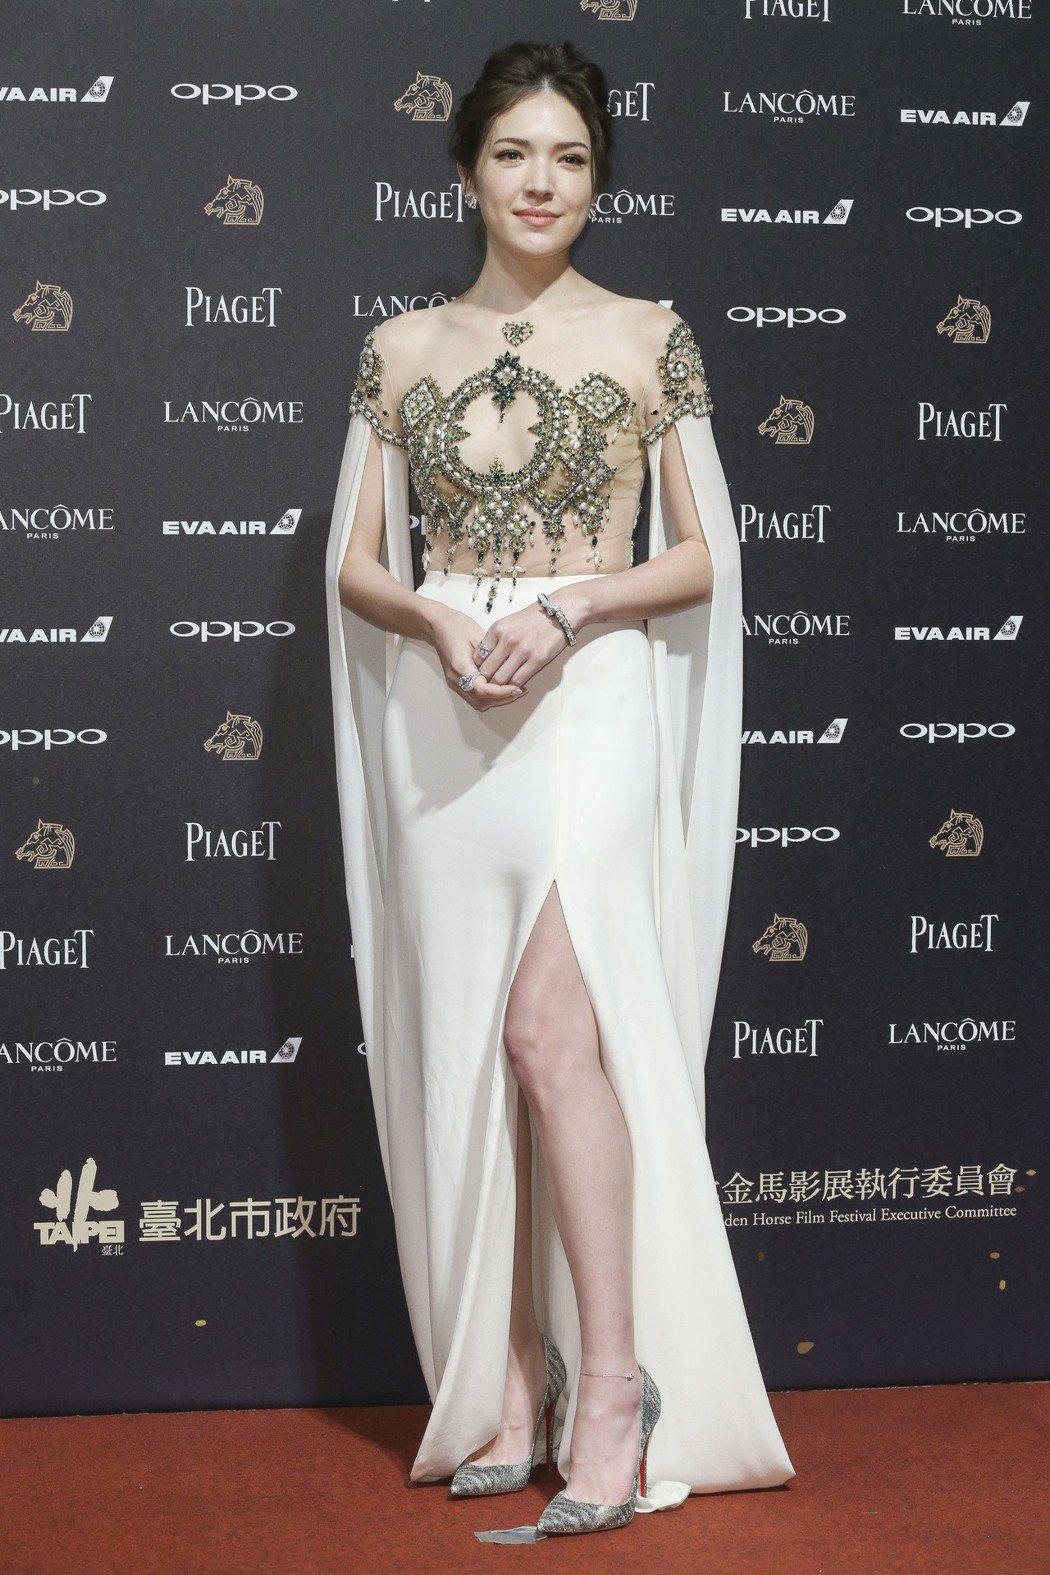 入圍第五十四屆金馬獎最佳女配角獎的許瑋甯走紅毯。記者林俊良/攝影